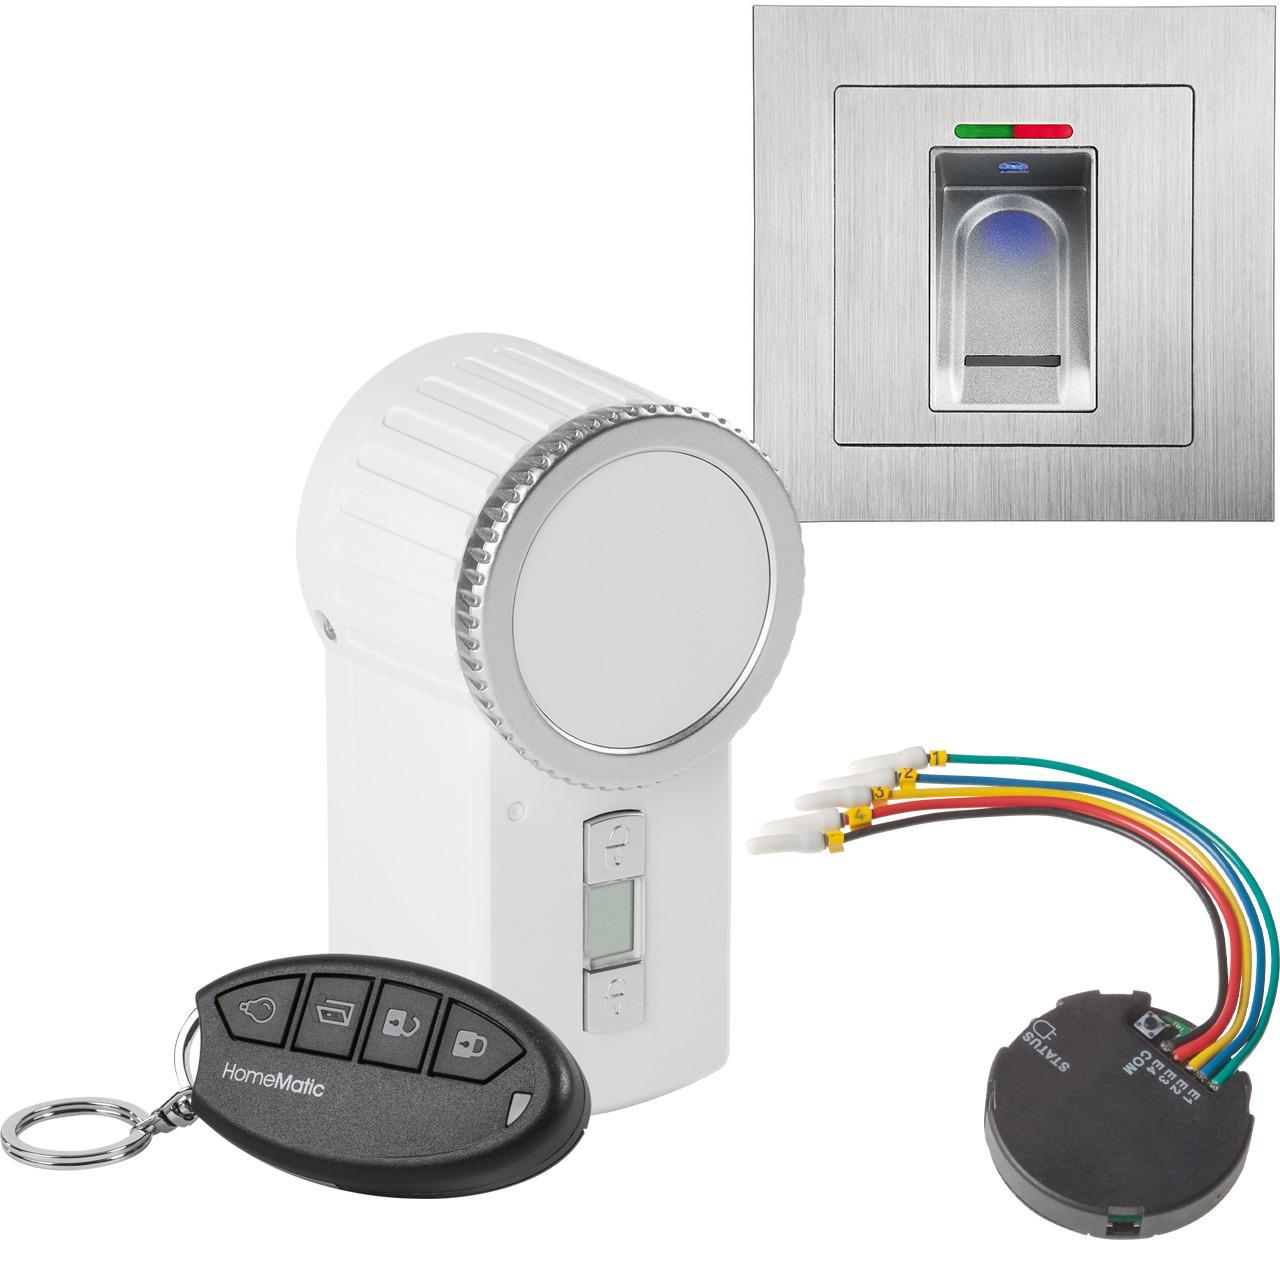 ELV Spar-Set mit BioKey Gate Fingerabdruckscanner- Funk-Türschlossantrieb- Funk-Tasterschnittstelle